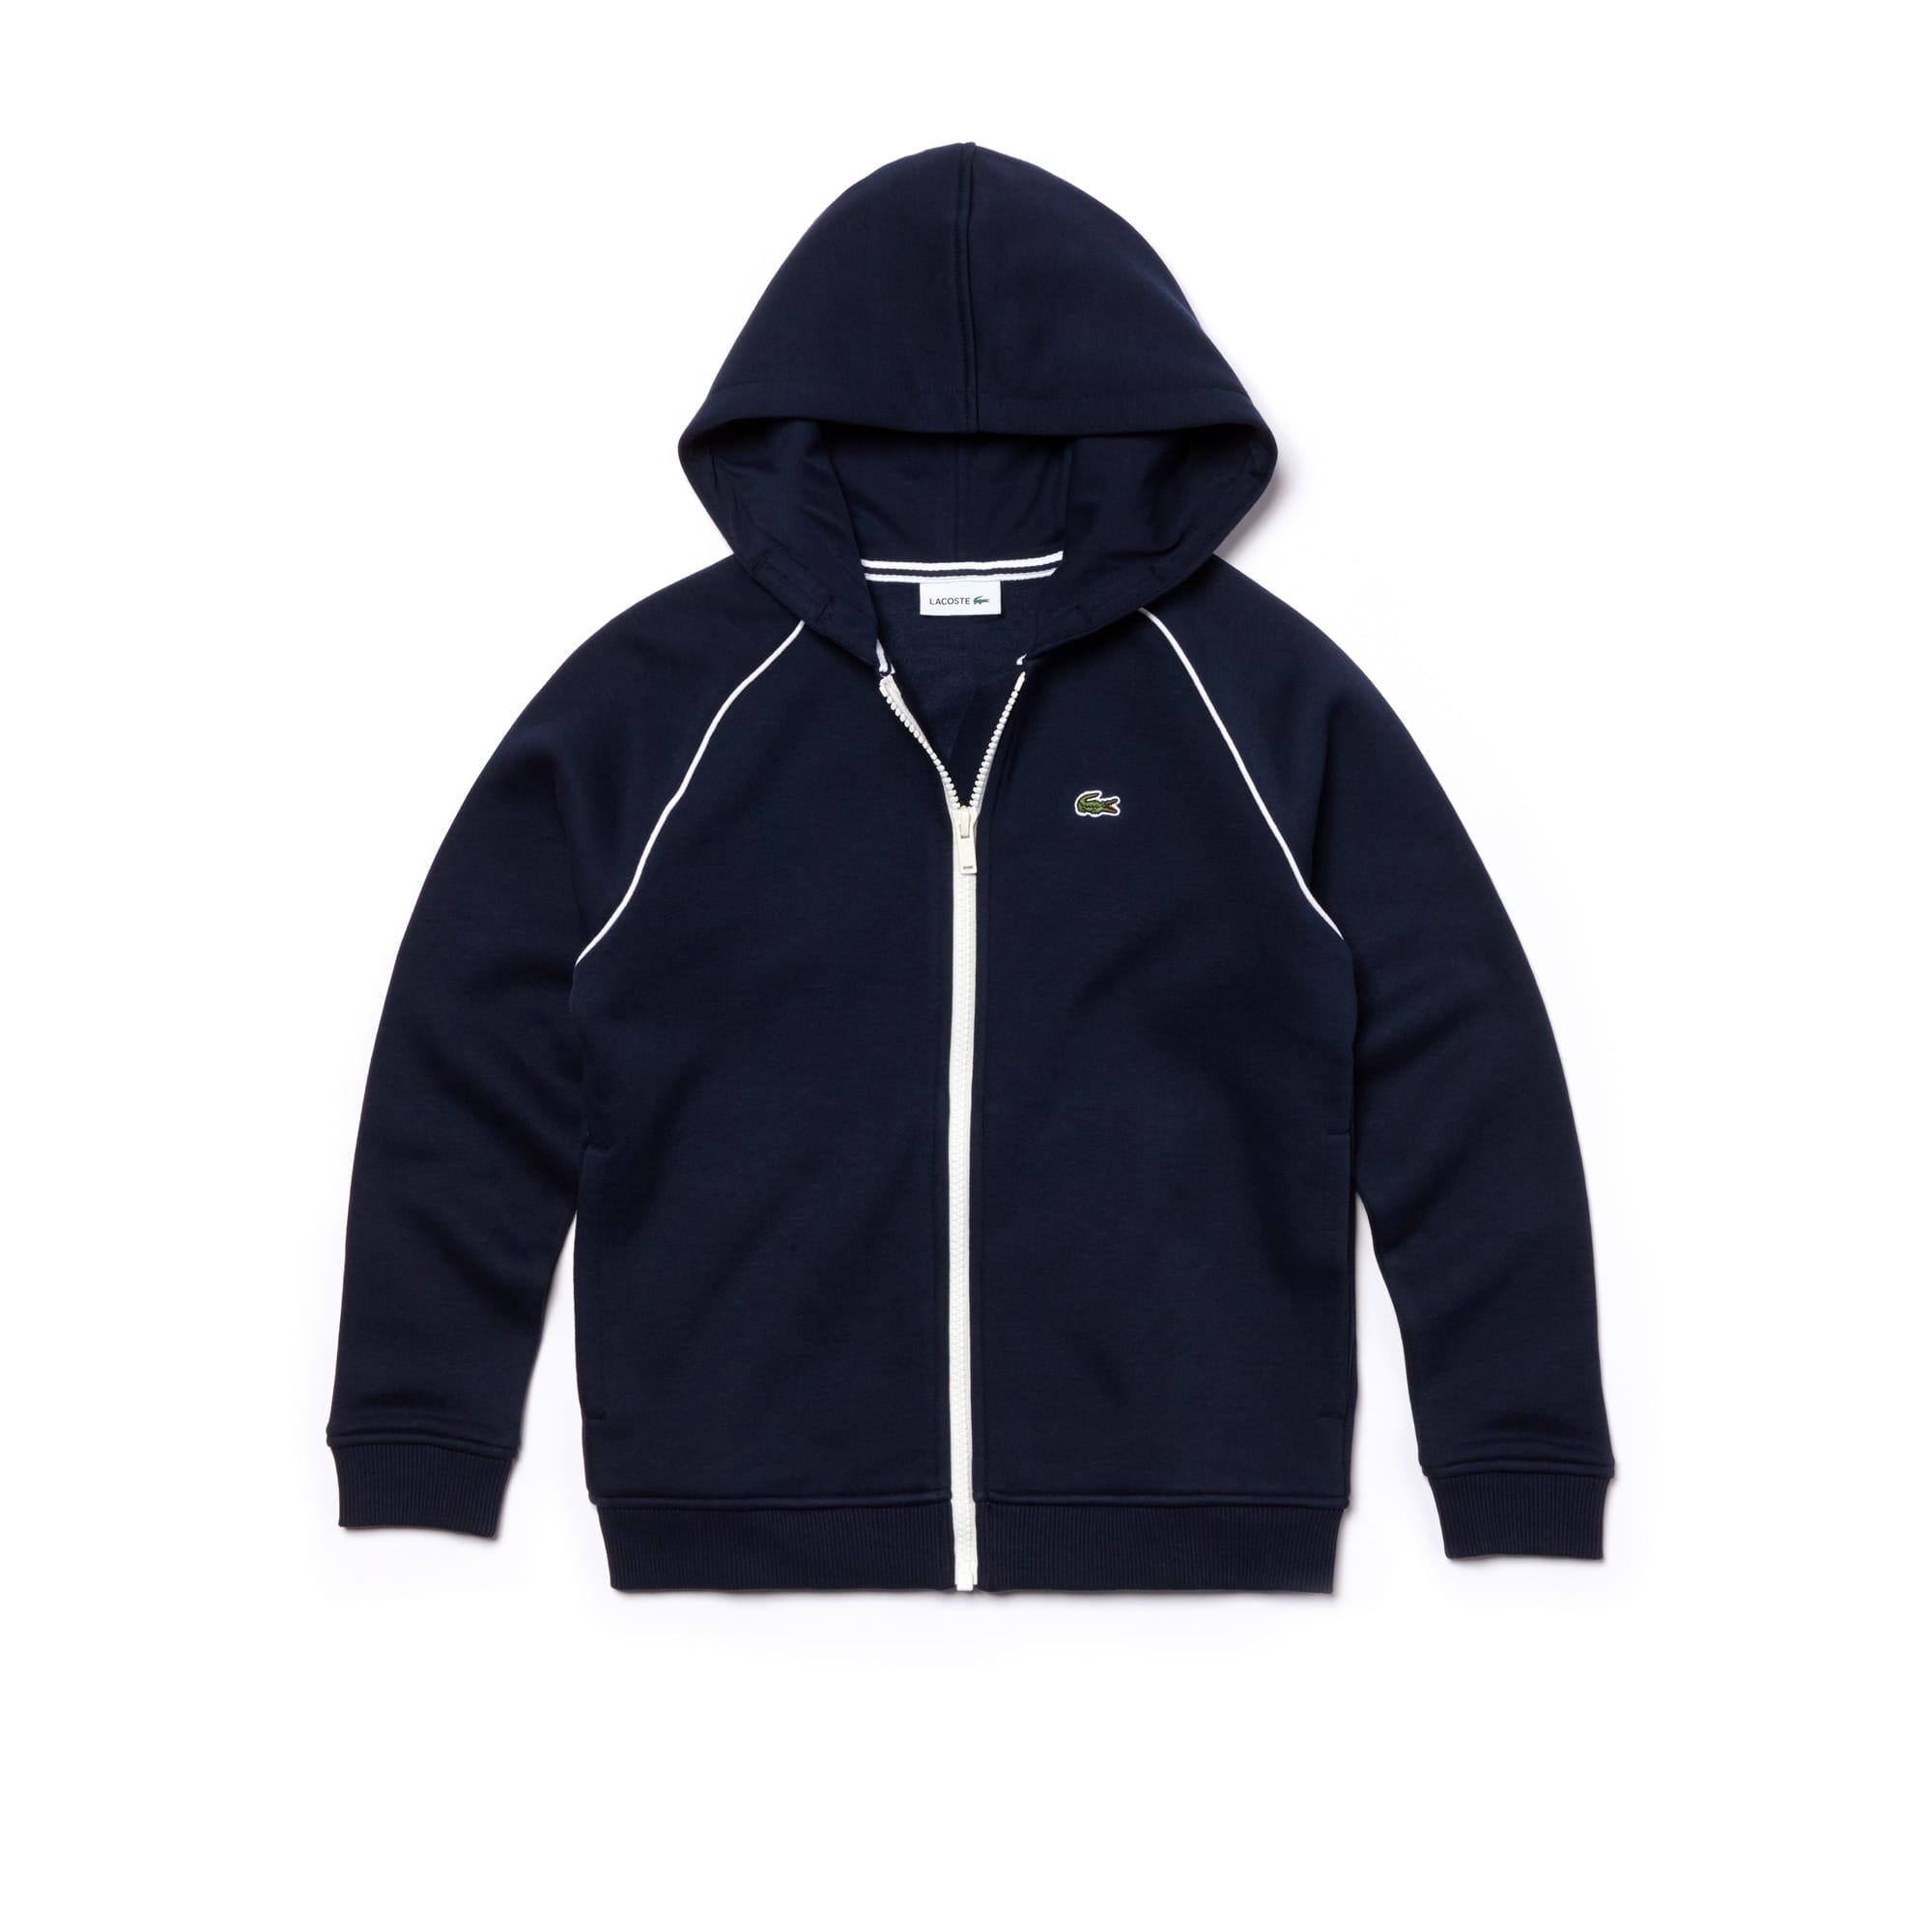 Boys' Hooded Piped Fleece Zip Sweatshirt